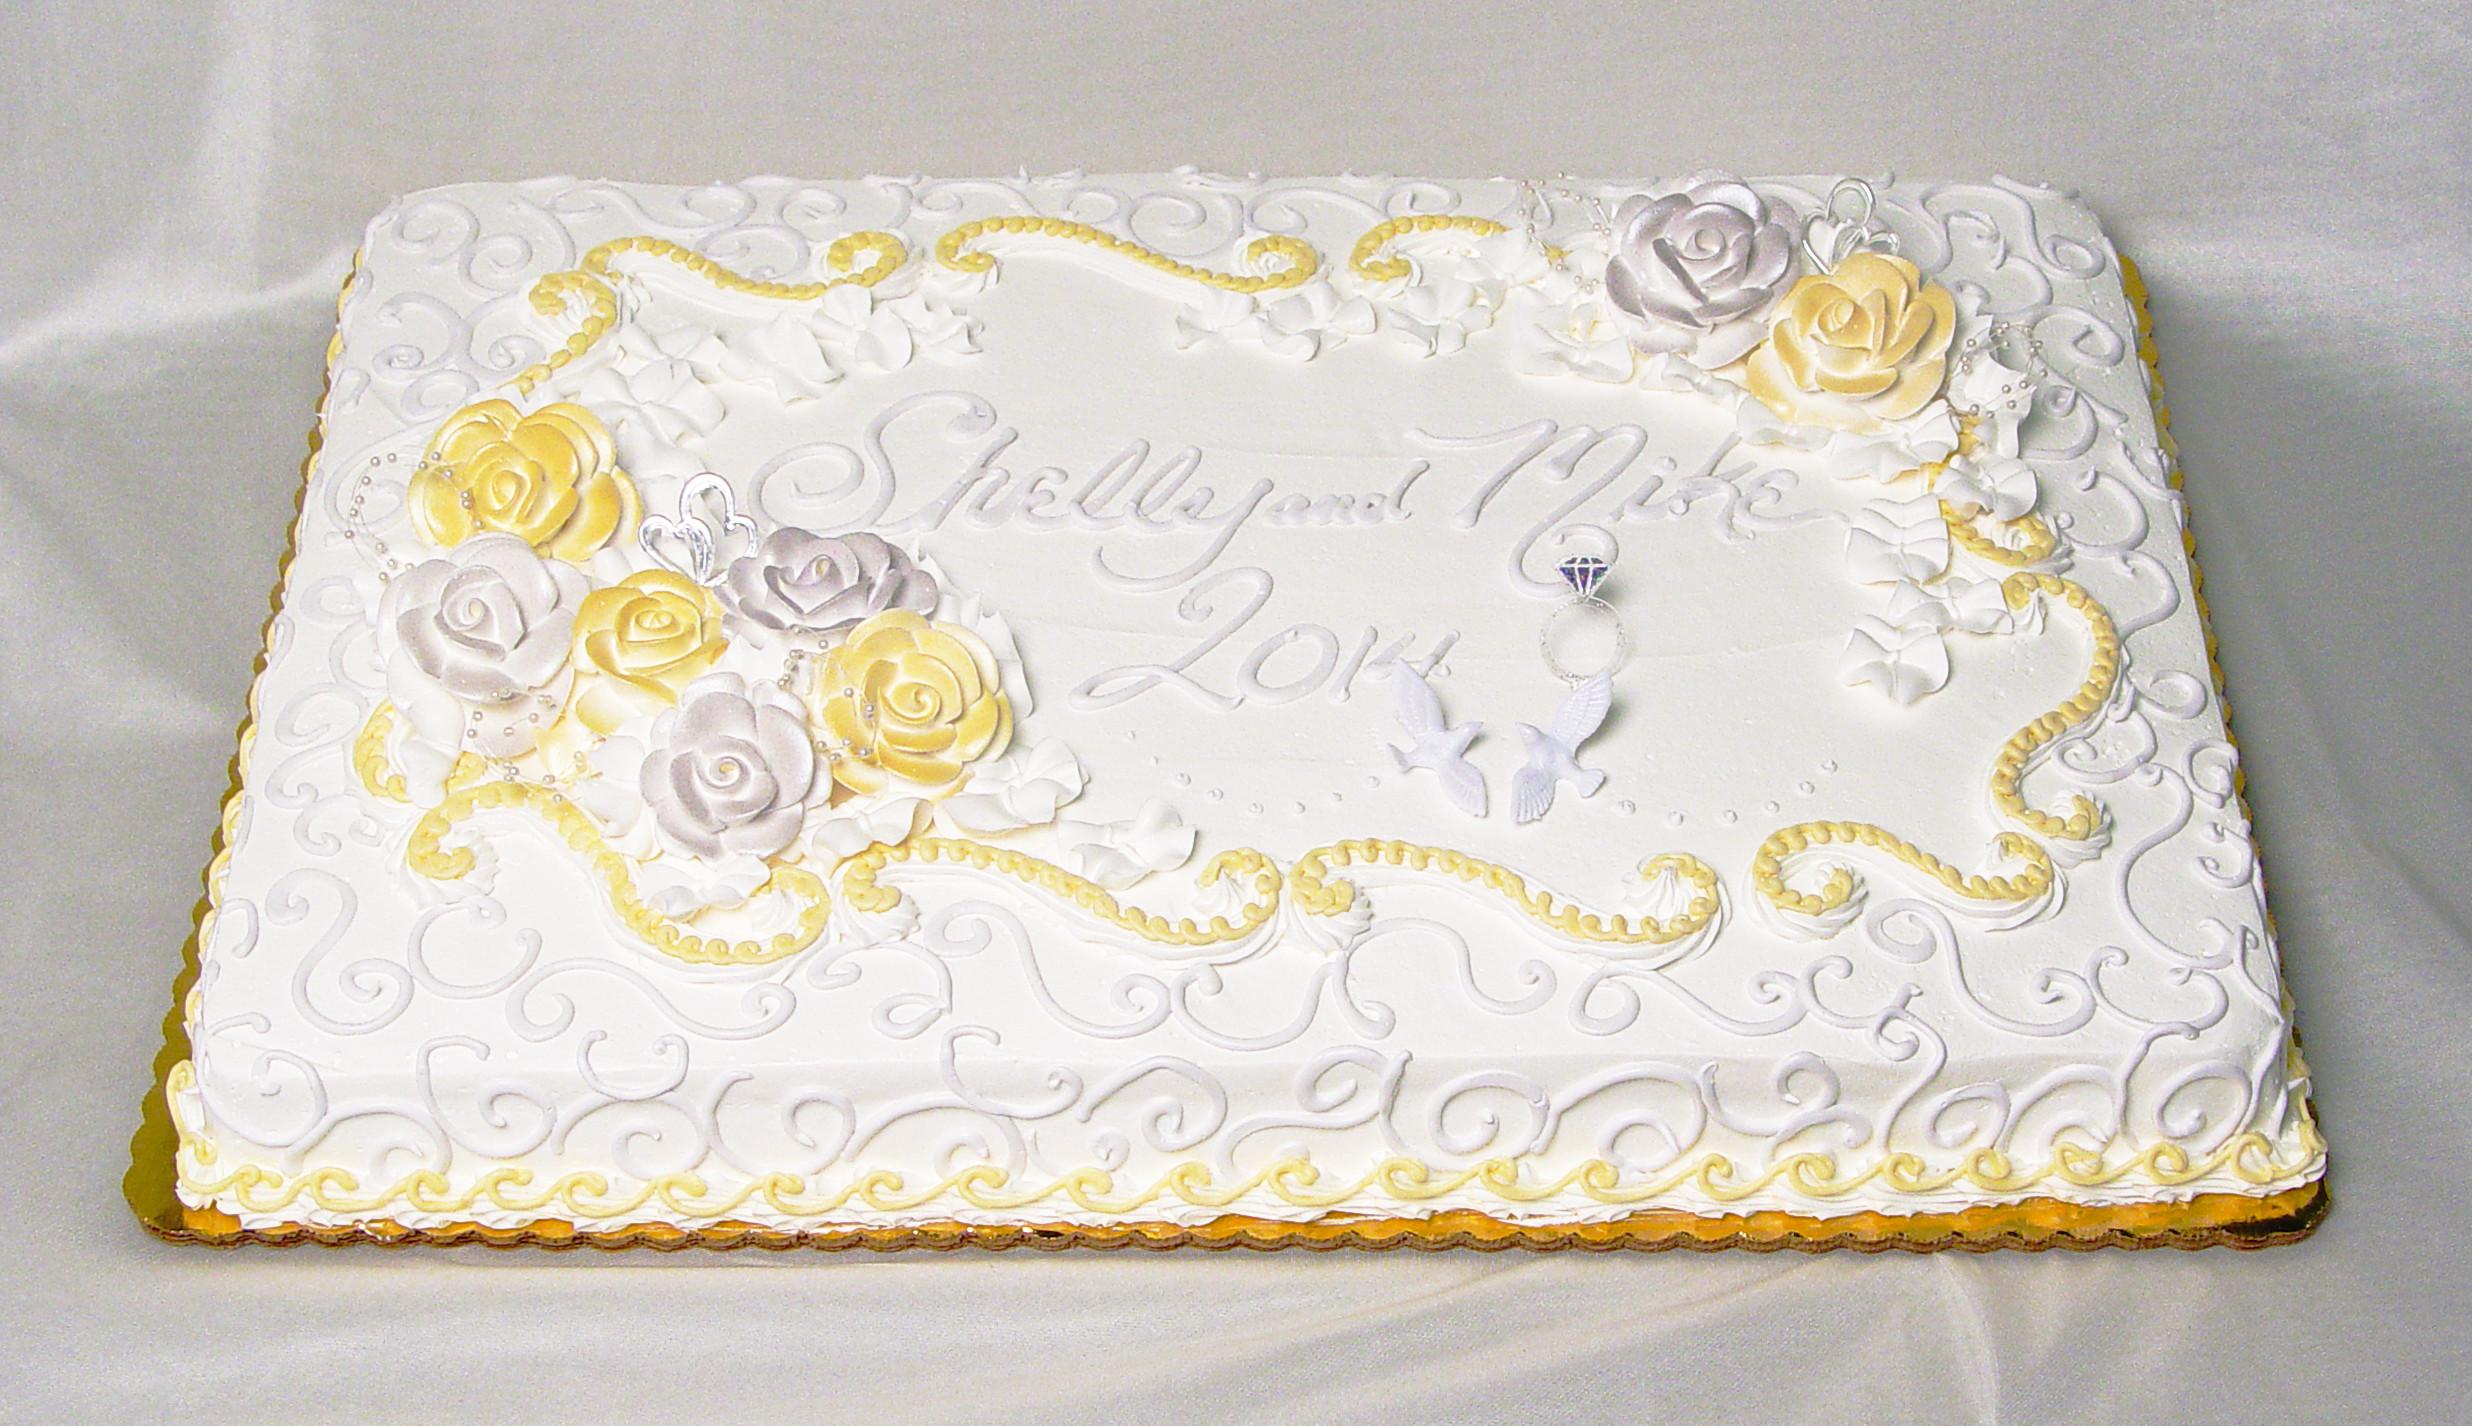 Wedding Cake Sheet Cake  Wedding Cakes Cake Decorating